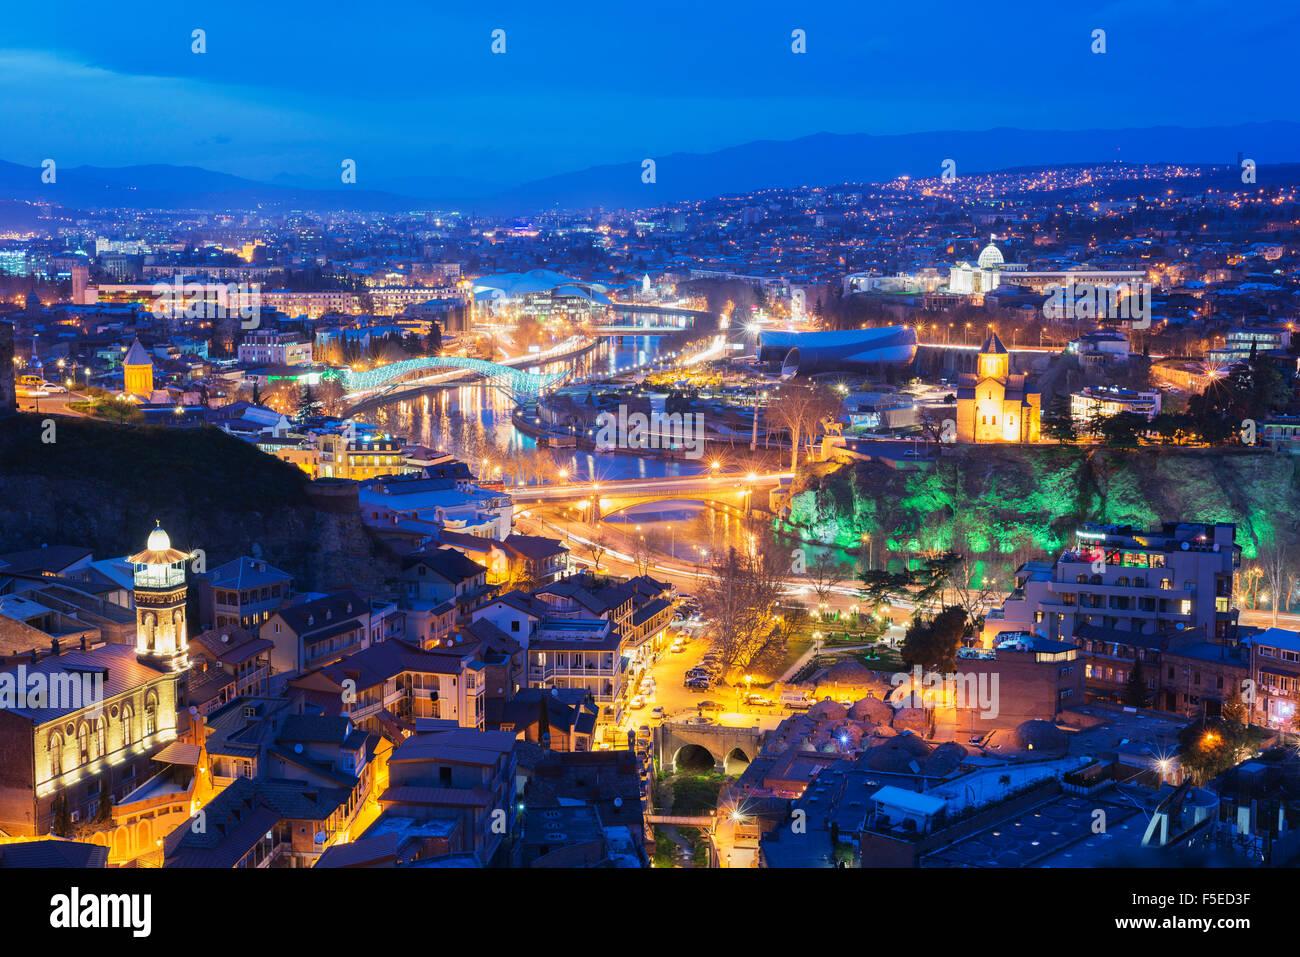 Con vistas a la ciudad, incluyendo el puente de la paz y el servicio público salón de casa de justicia Imagen De Stock